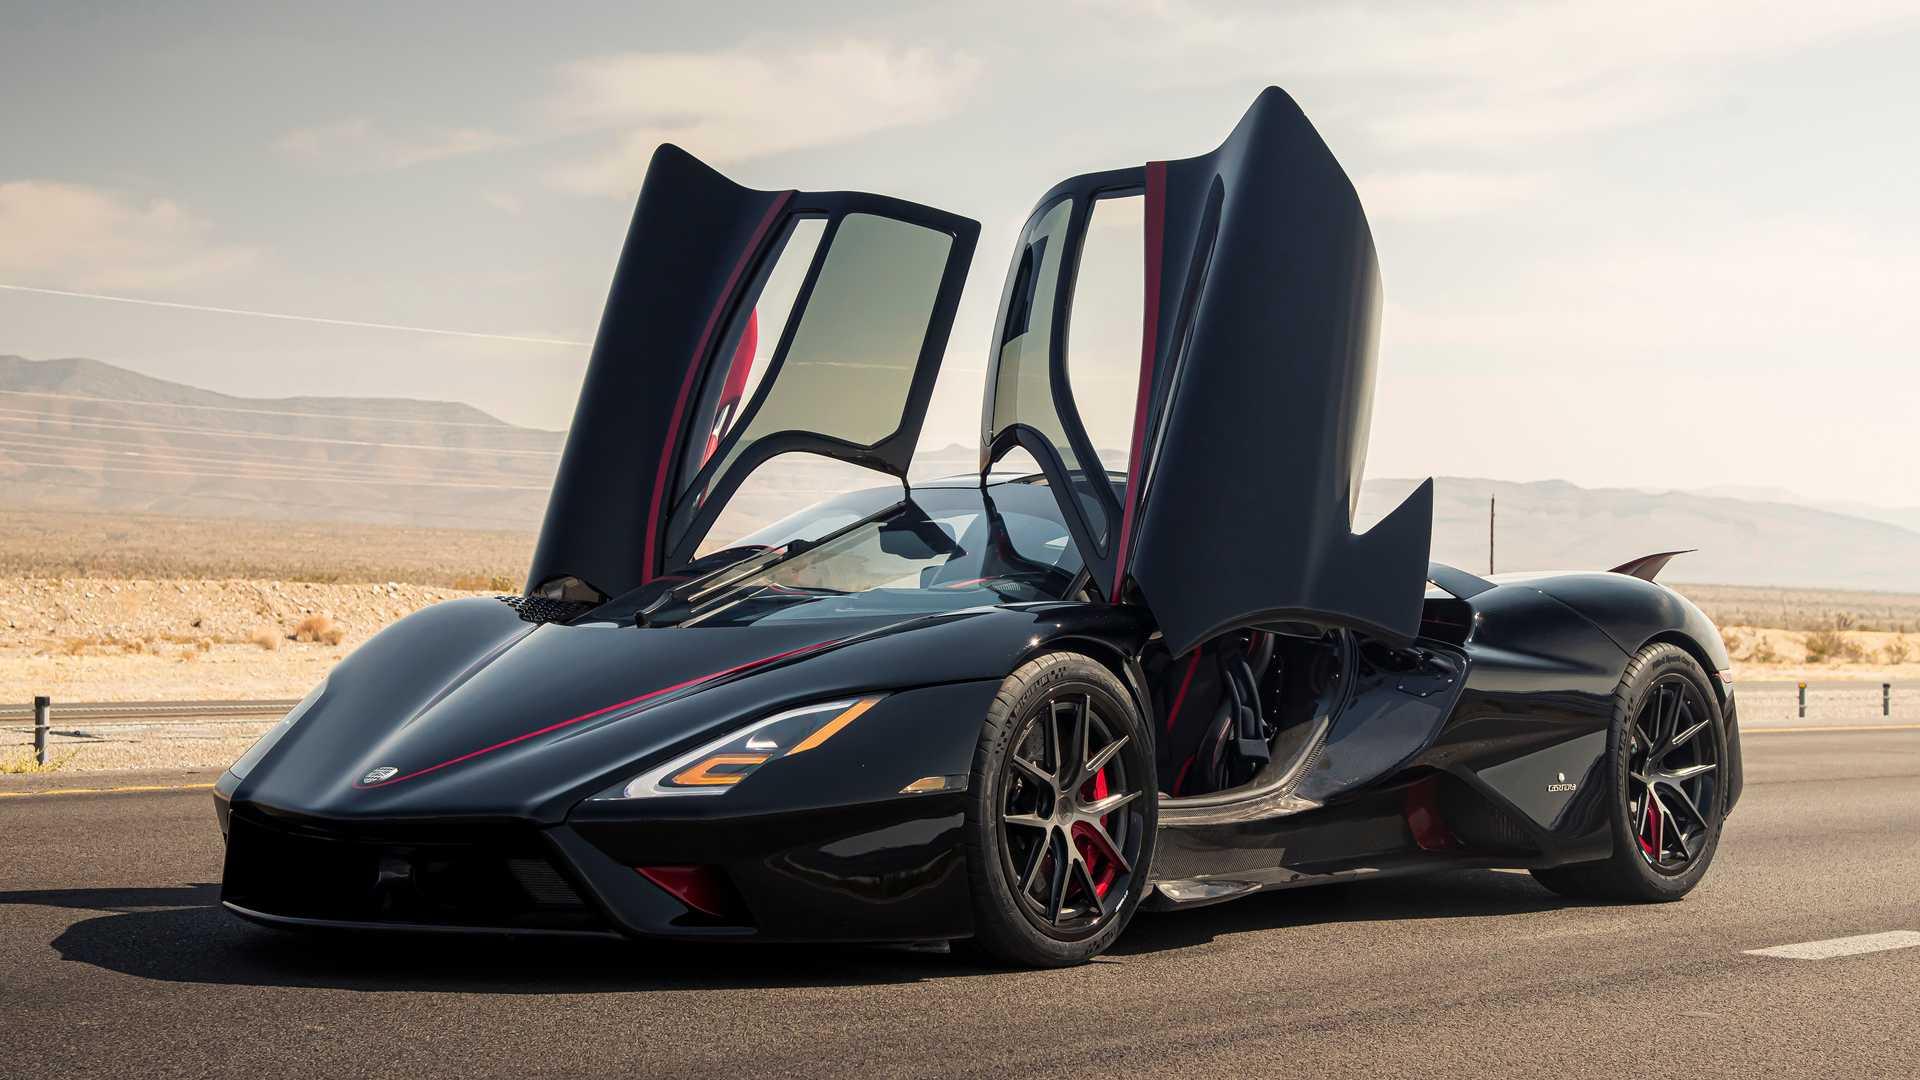 Несколько дней назад SSC Tuatara получил звание быстрейшего серийного автомобиля в мире. Но детали рекорда только сейчас начинают проявляться.